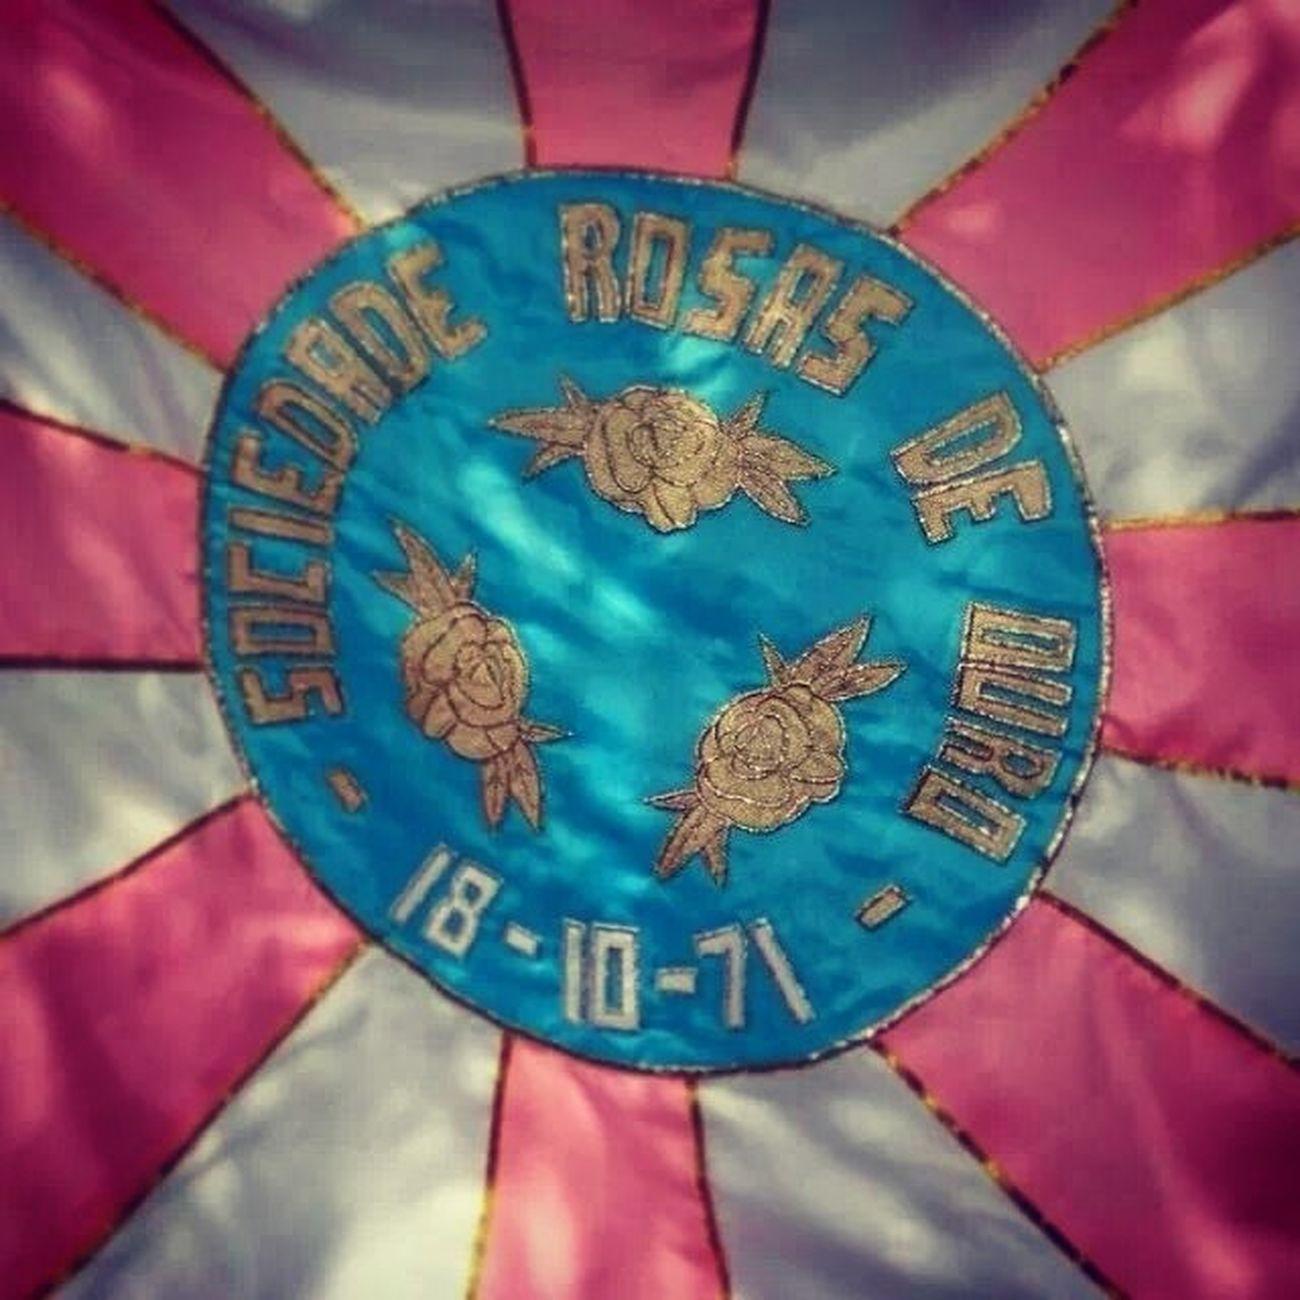 Simplesmente amo esse pavilhão. Roseira Rosasdeouro Imposs ívelnãolembrar Inesquecivel Ancioso